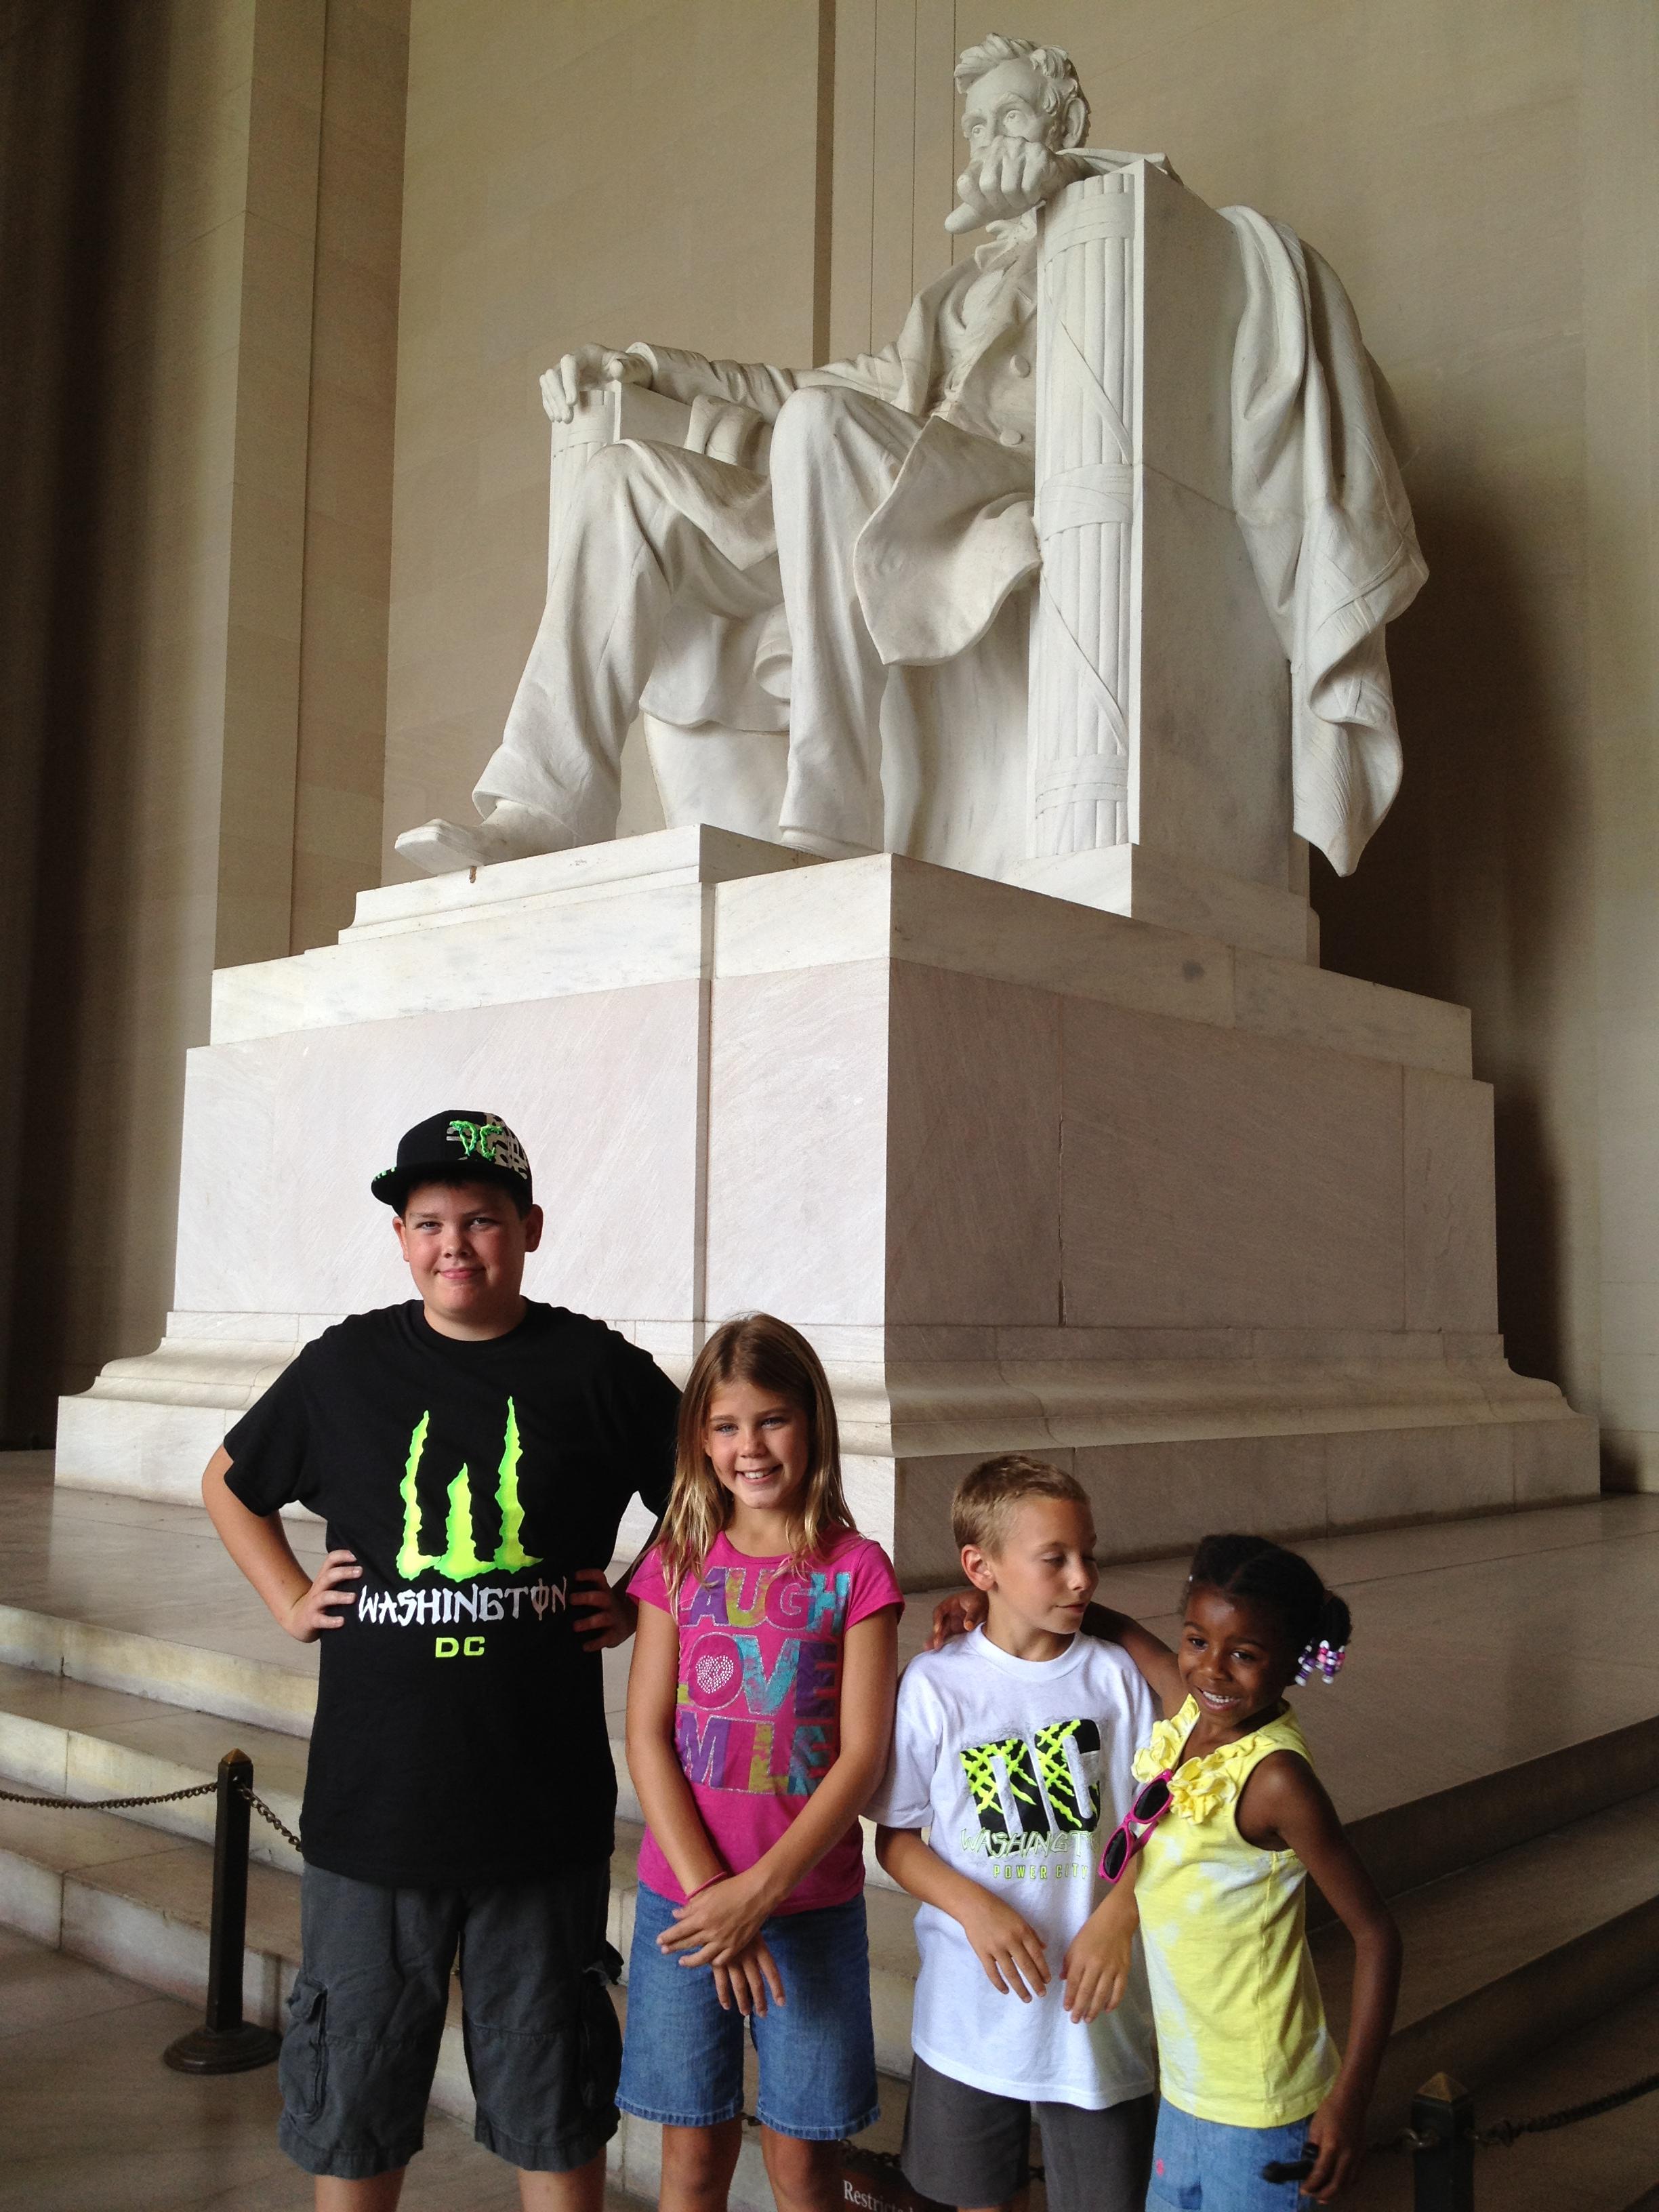 kids at Lincoln memorial